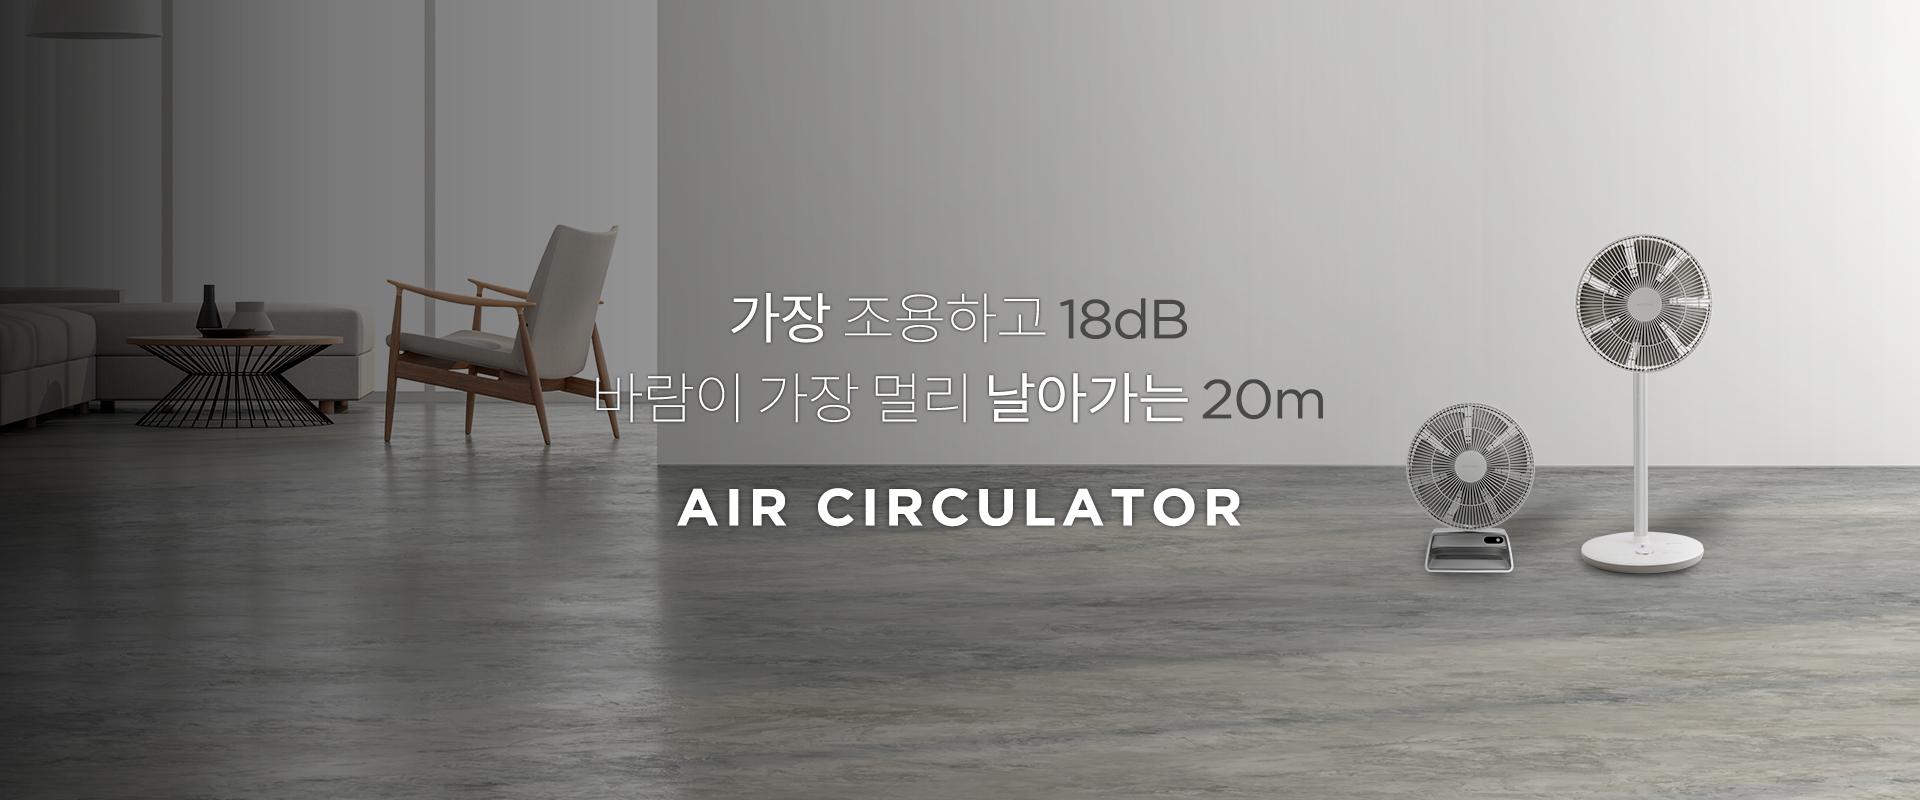 엠아이디자인, 서큘레이터, CDS-14, BLDC모터, 무풍, 터치, 120도